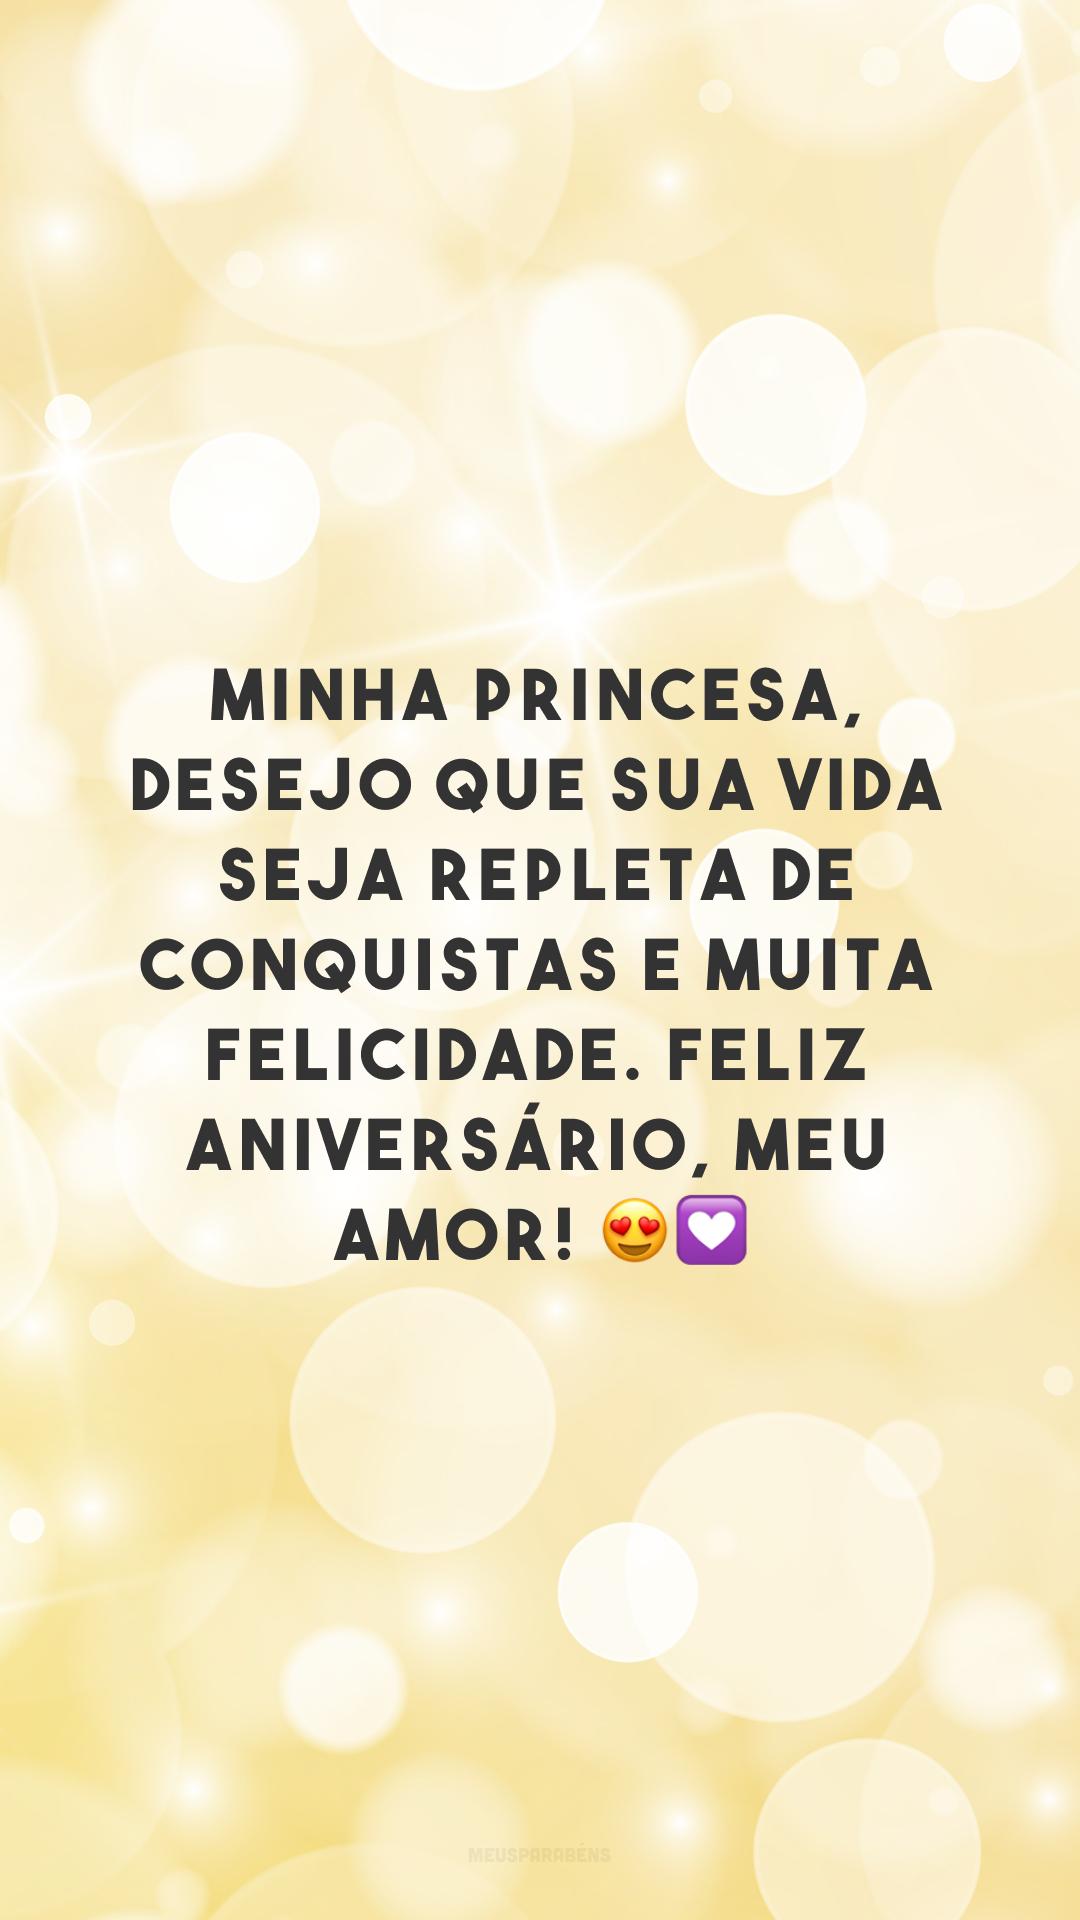 Minha princesa, desejo que sua vida seja repleta de conquistas e muita felicidade. Feliz aniversário, meu amor! 😍💟